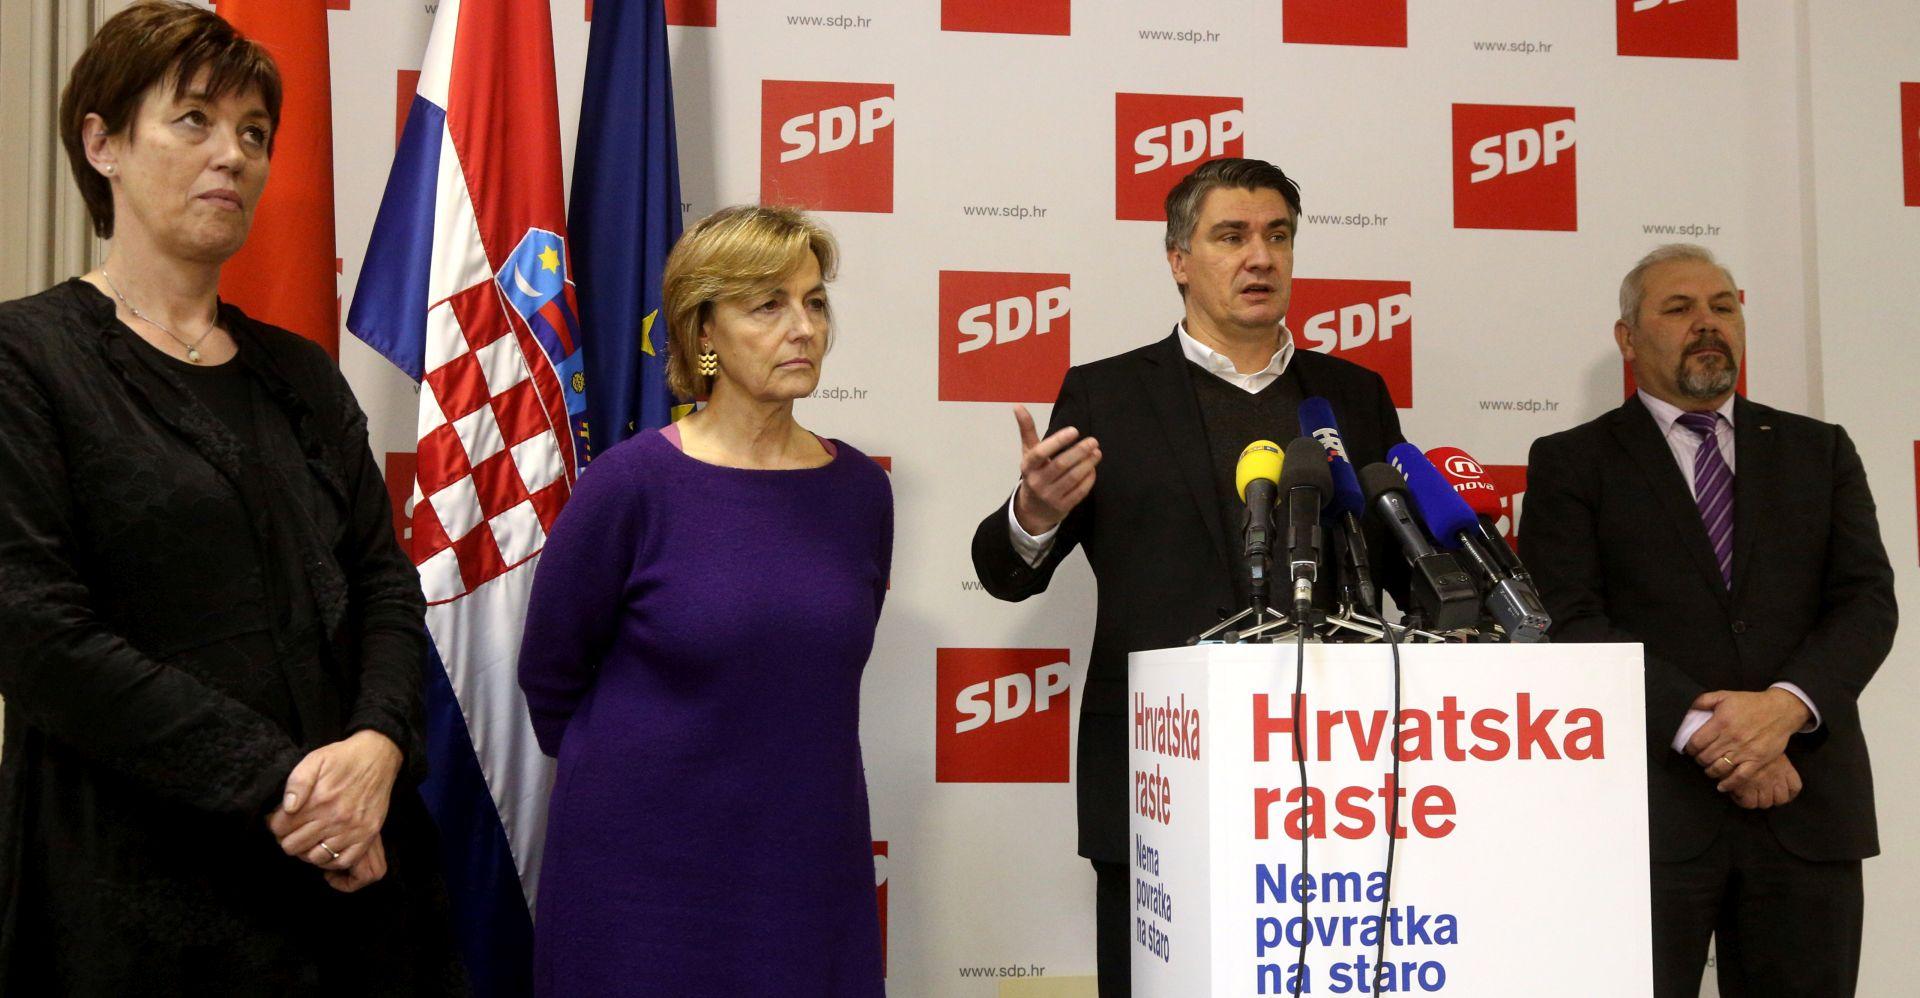 Predsjedništvo SDP-a raspravlja o raspisivanju izbora za predsjednika stranke